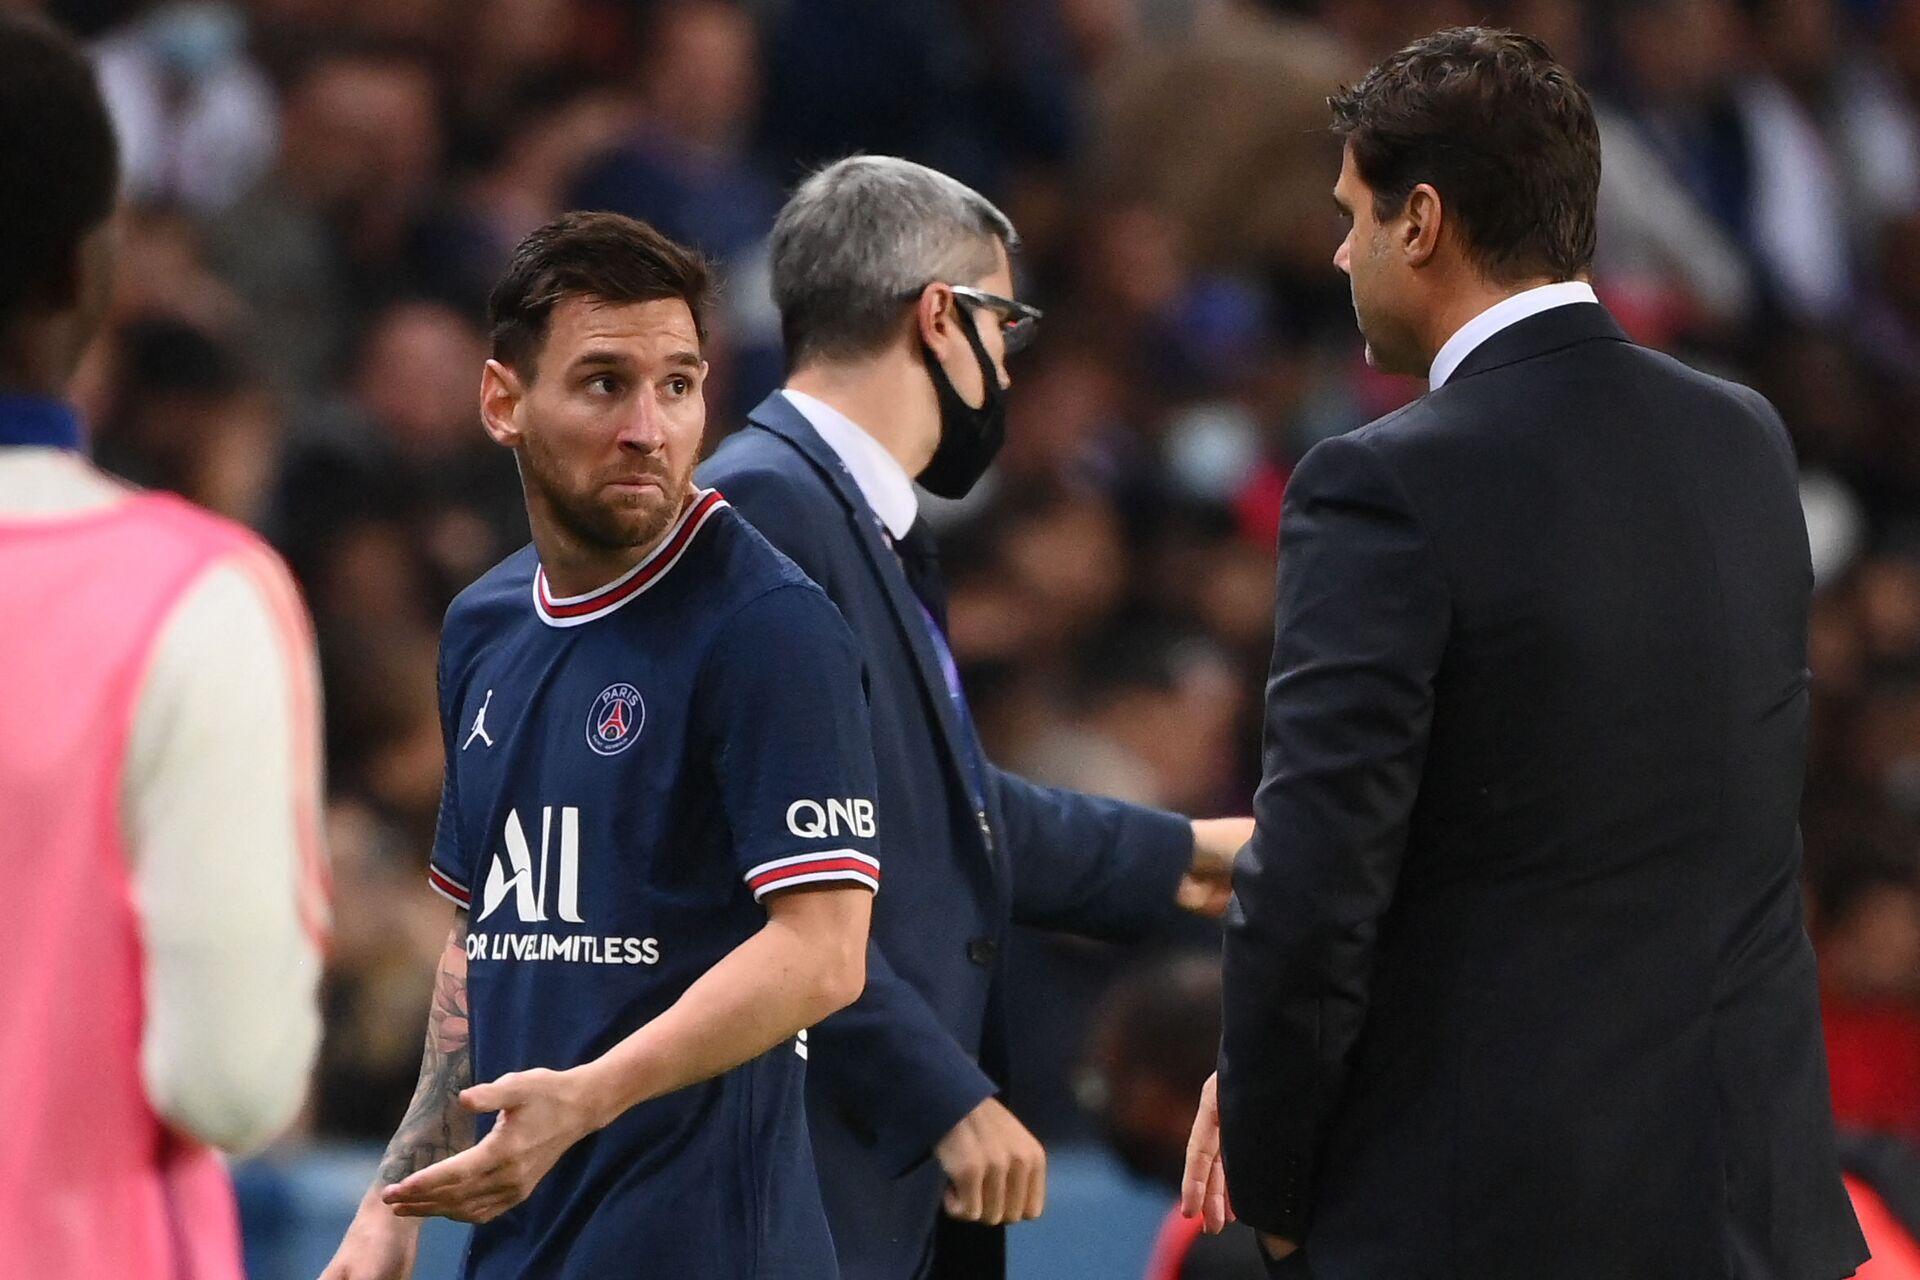 Danh thủ Lionel Messi rời sân cỏ sau khi trao đổi với HLV Mauricio Pochettino của đội PSG trong trận đấu ở Paris - Sputnik Việt Nam, 1920, 05.10.2021